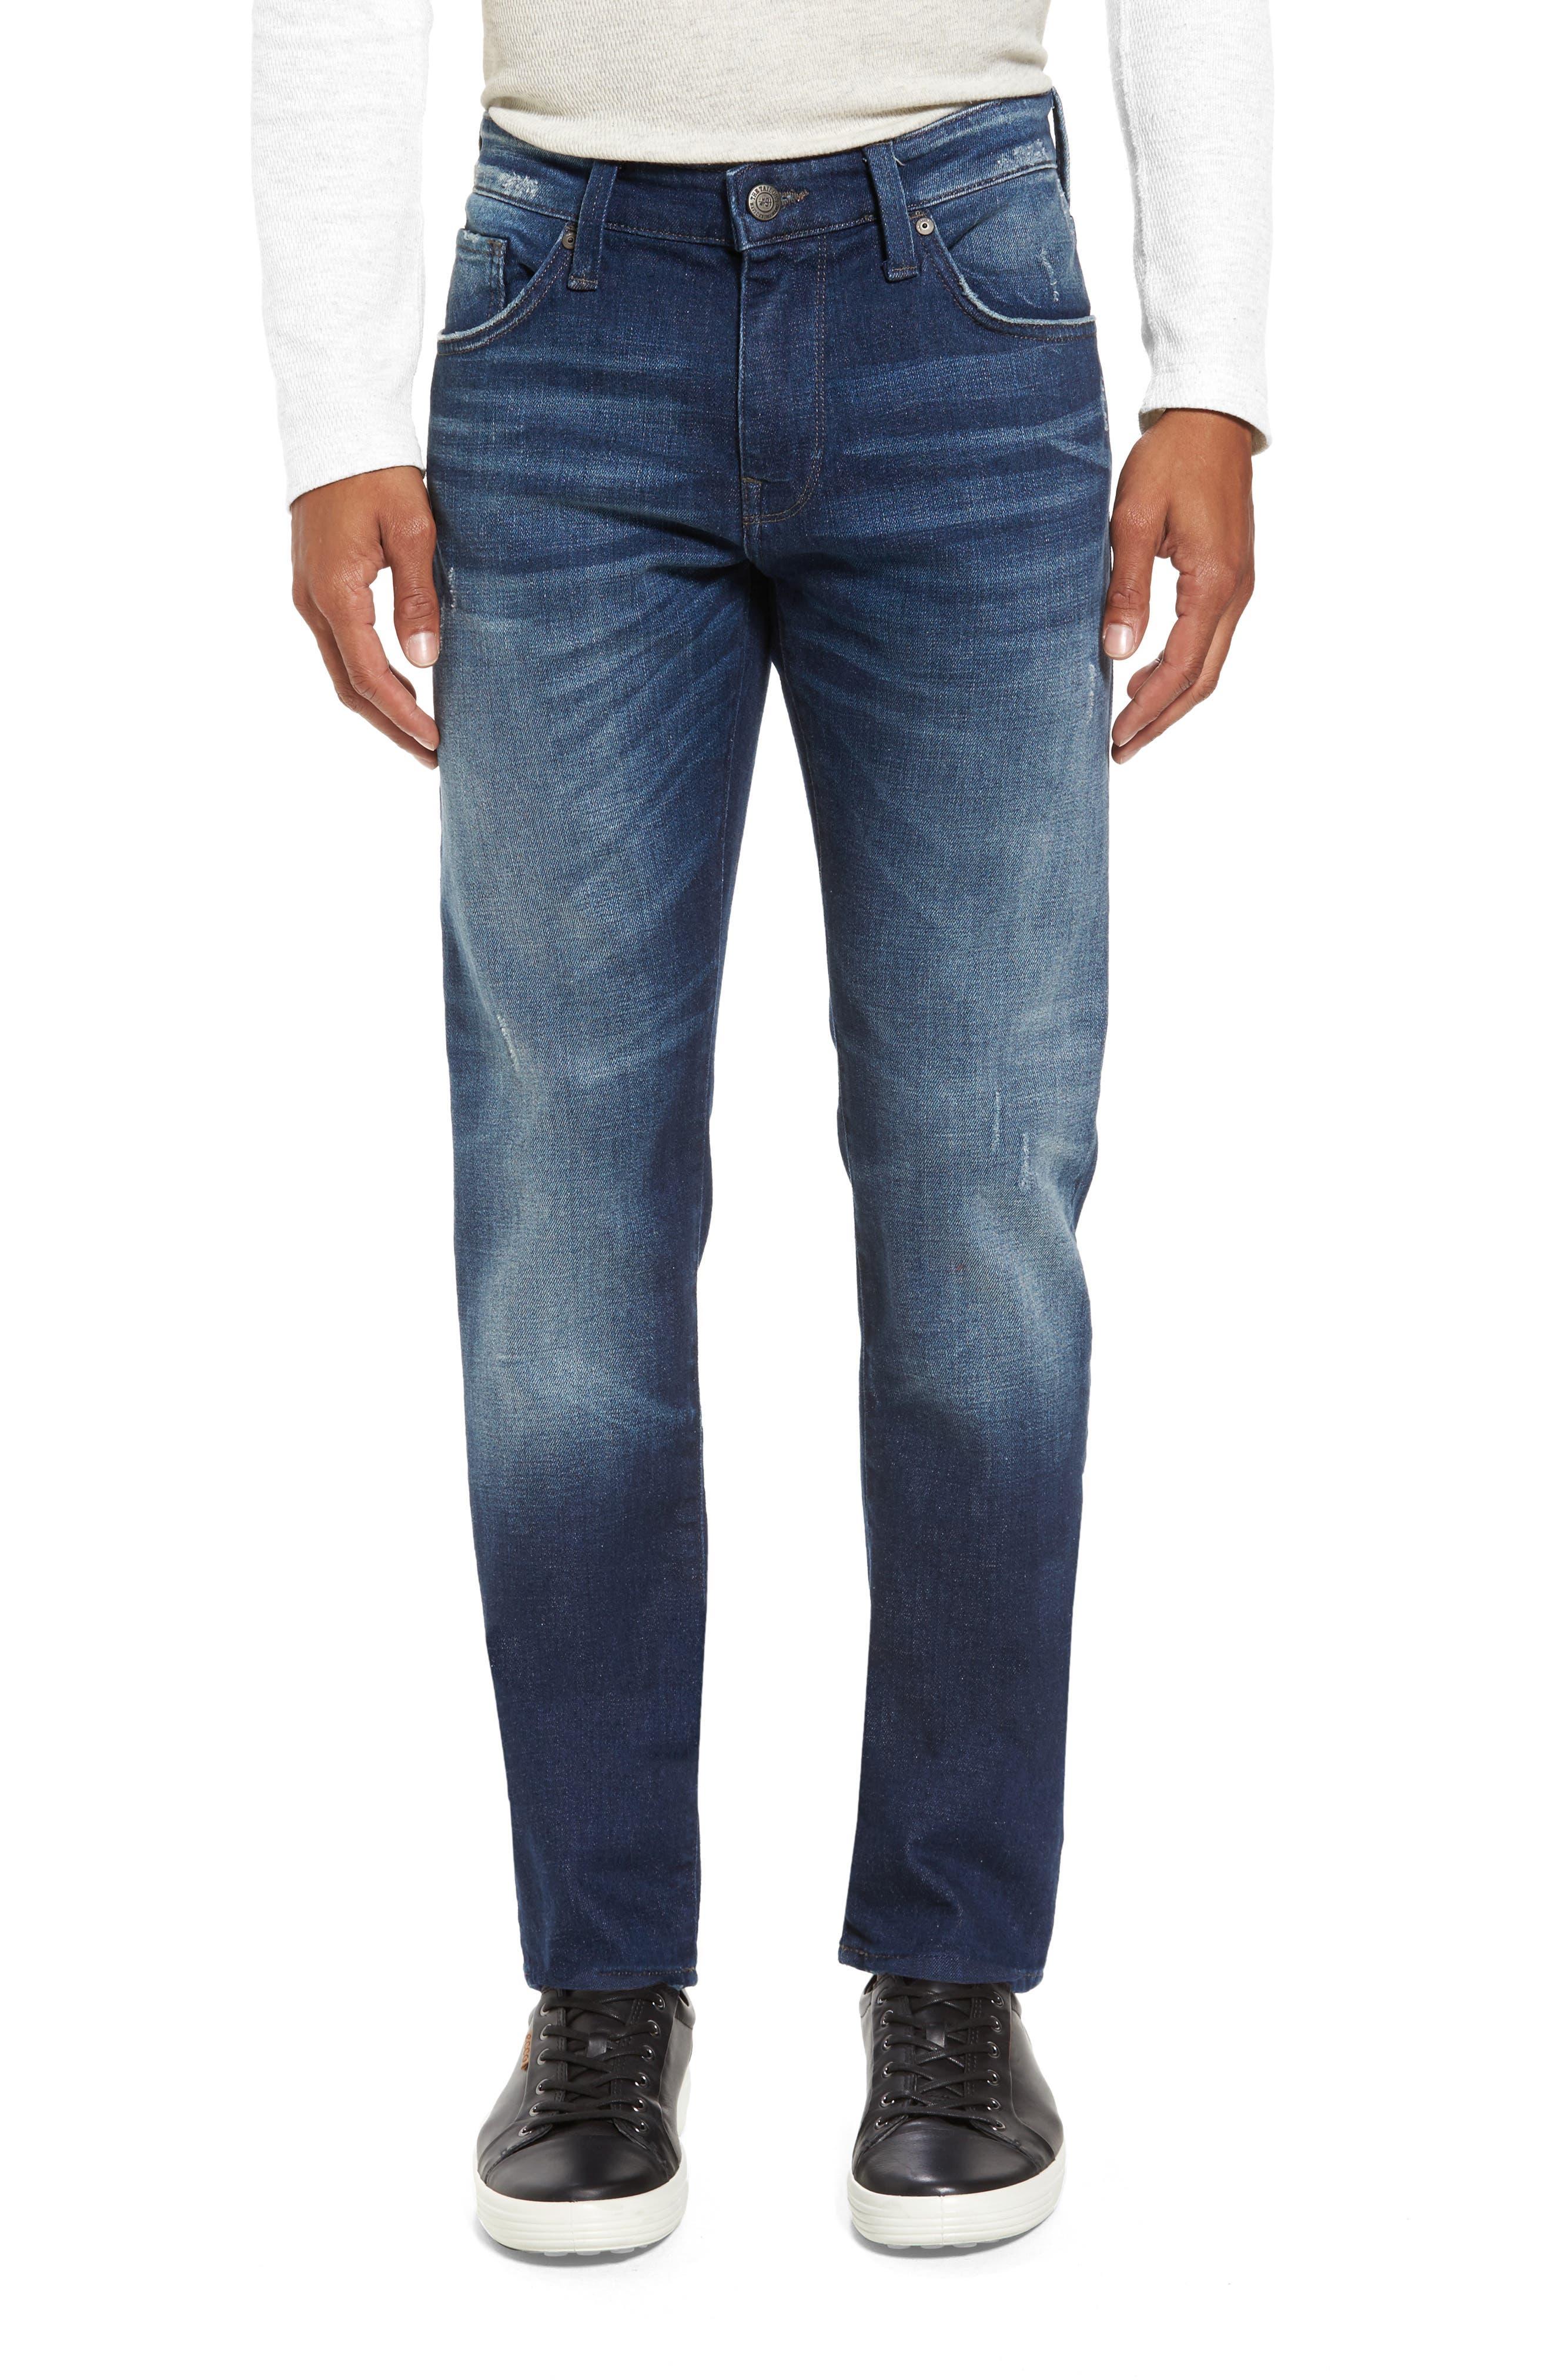 Jake Easy Slim Fit Jeans,                         Main,                         color, Dark Brooklyn